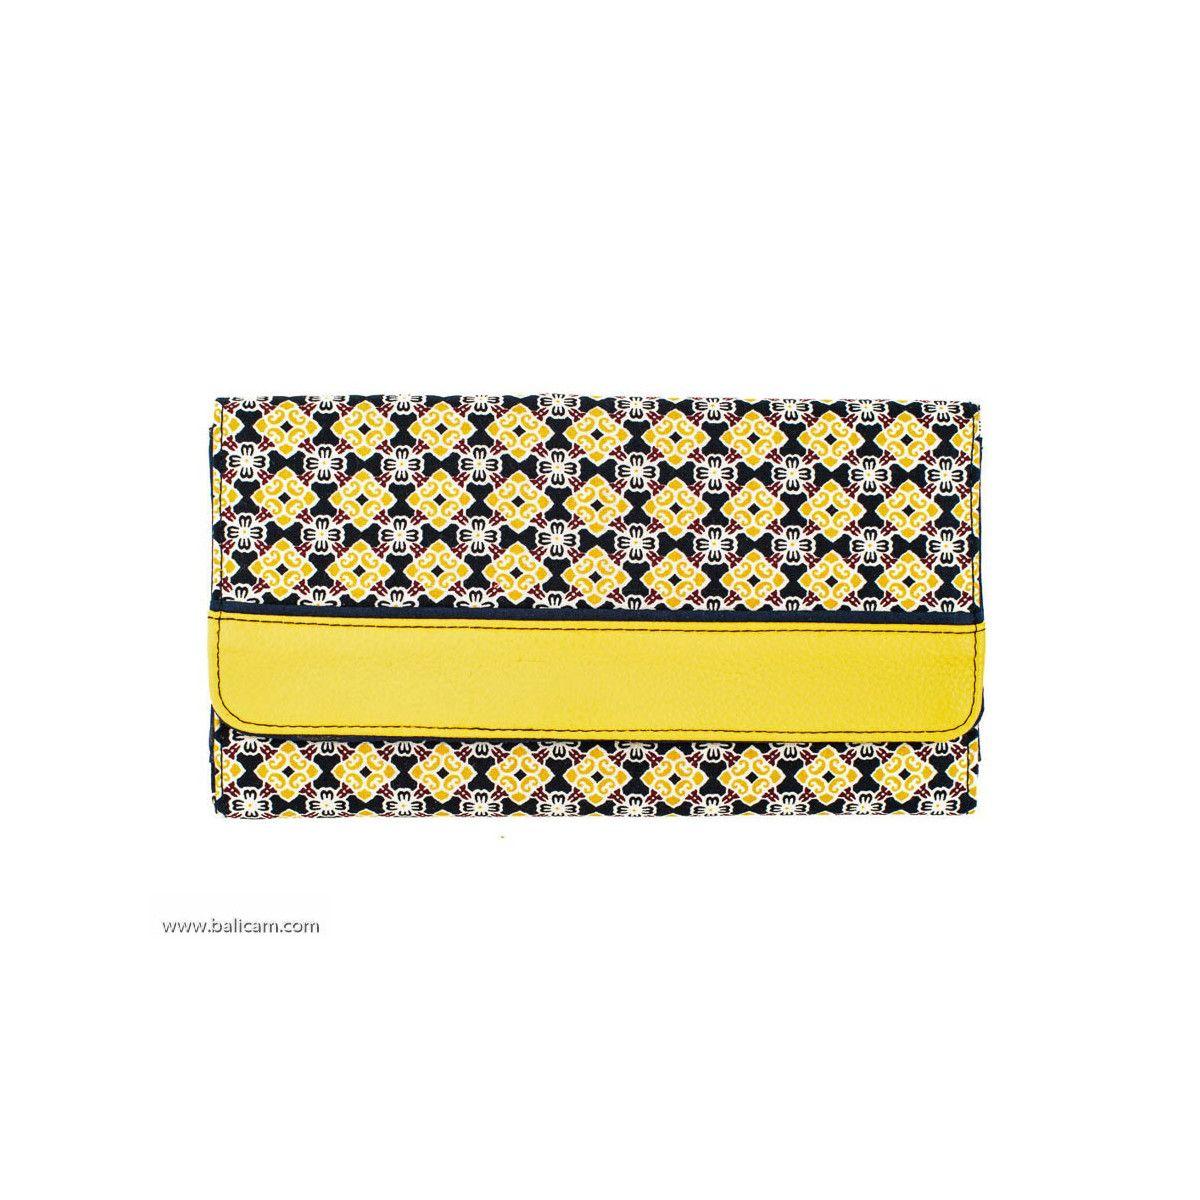 Portefeuille compagnon tout-en-un original jaune et bleu marine